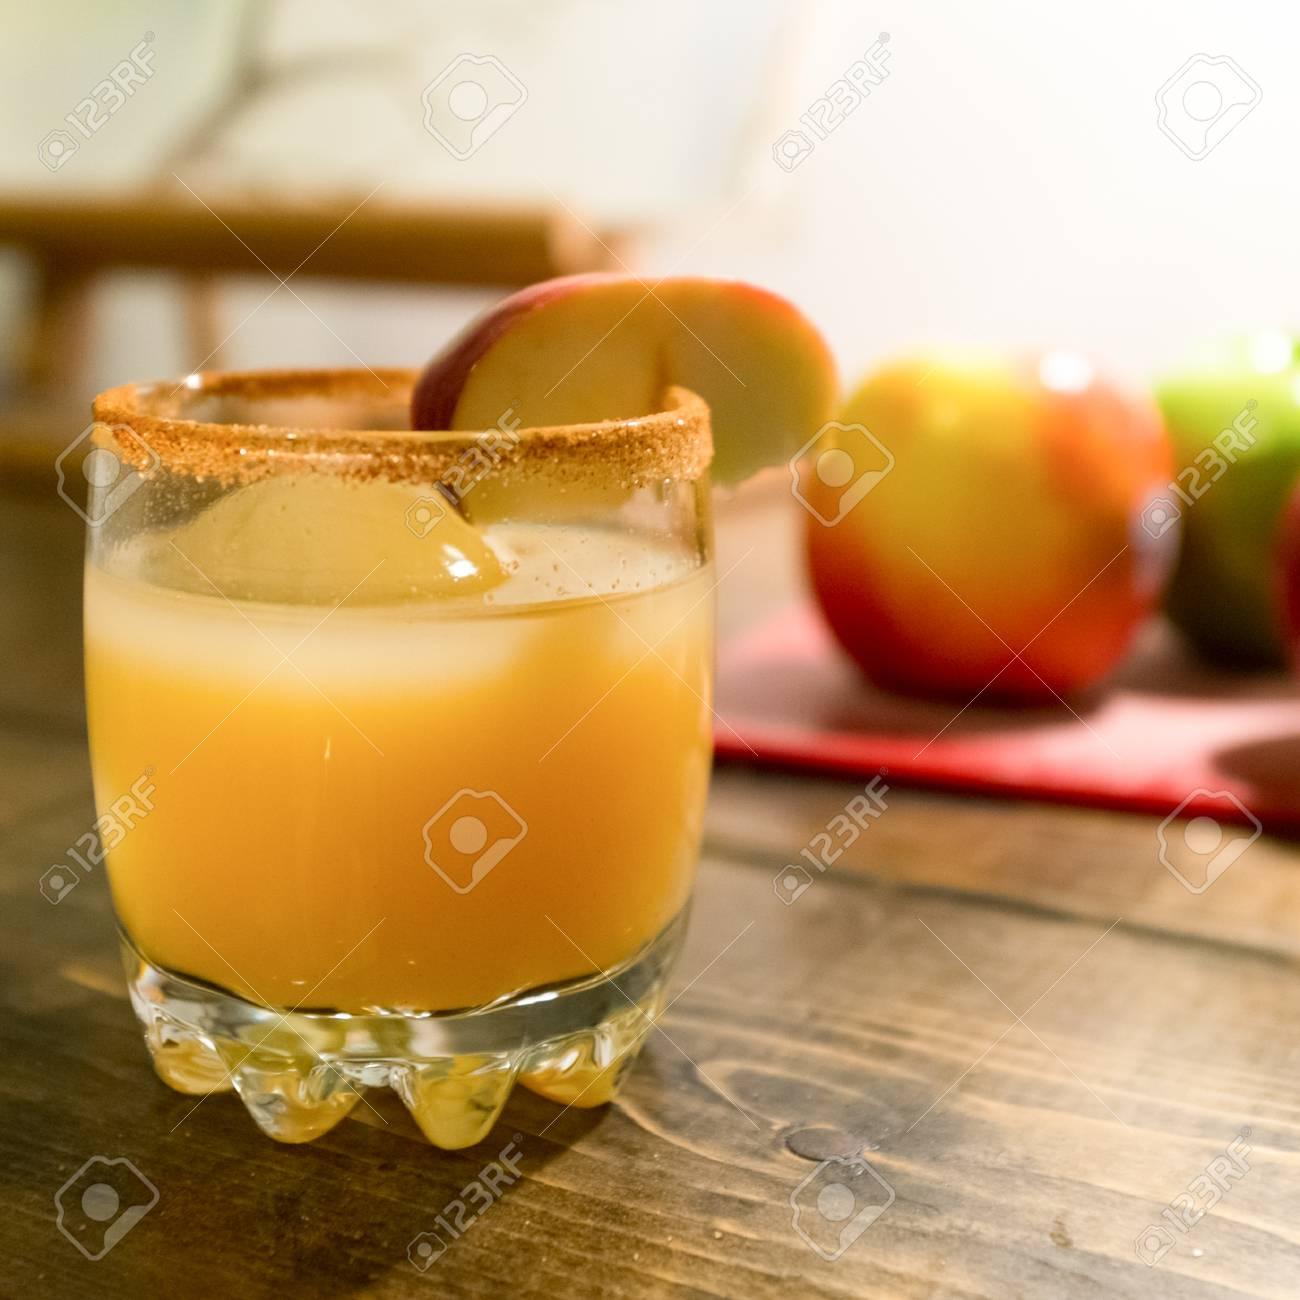 リンゴの付け合わせとアルコール...